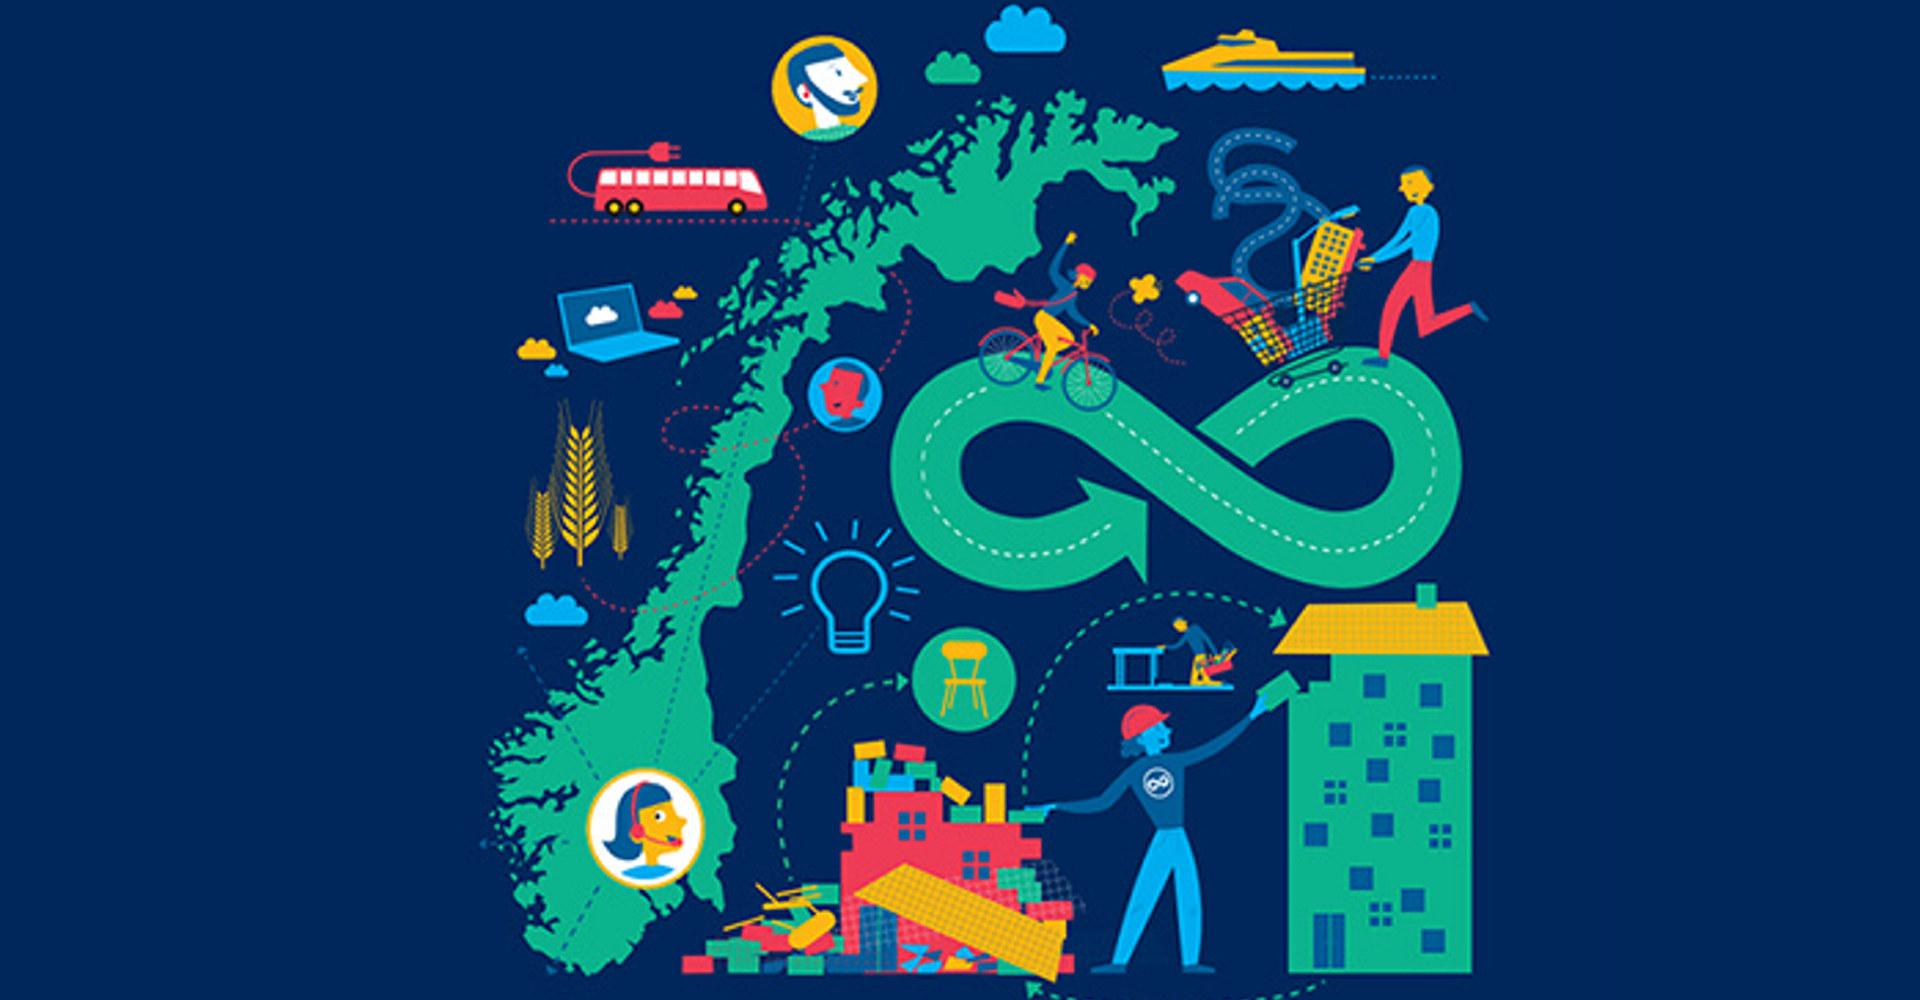 Forsideillustrasjon Handlingsplan for økt andel klima- og miljøvennlige offentlige anskaffelser og grønn innovasjon. Illustrasjon: Direktoratet for forvaltning og økonomistyring